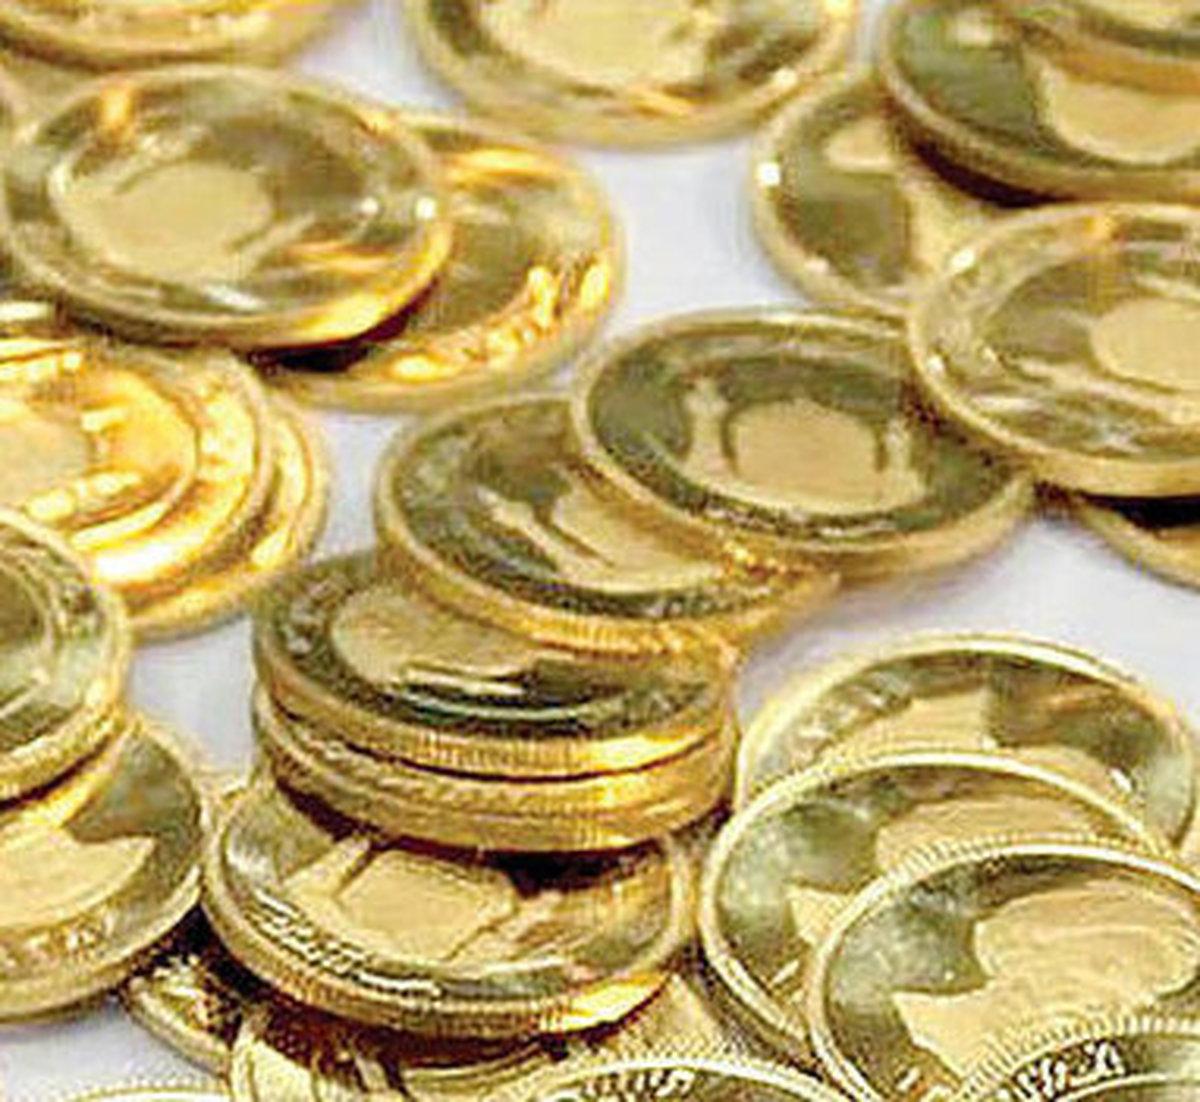 نرخ طلا و سکه سیر صعودی داشت| قیمت سکه تمام بهار آزادی چقدر است؟